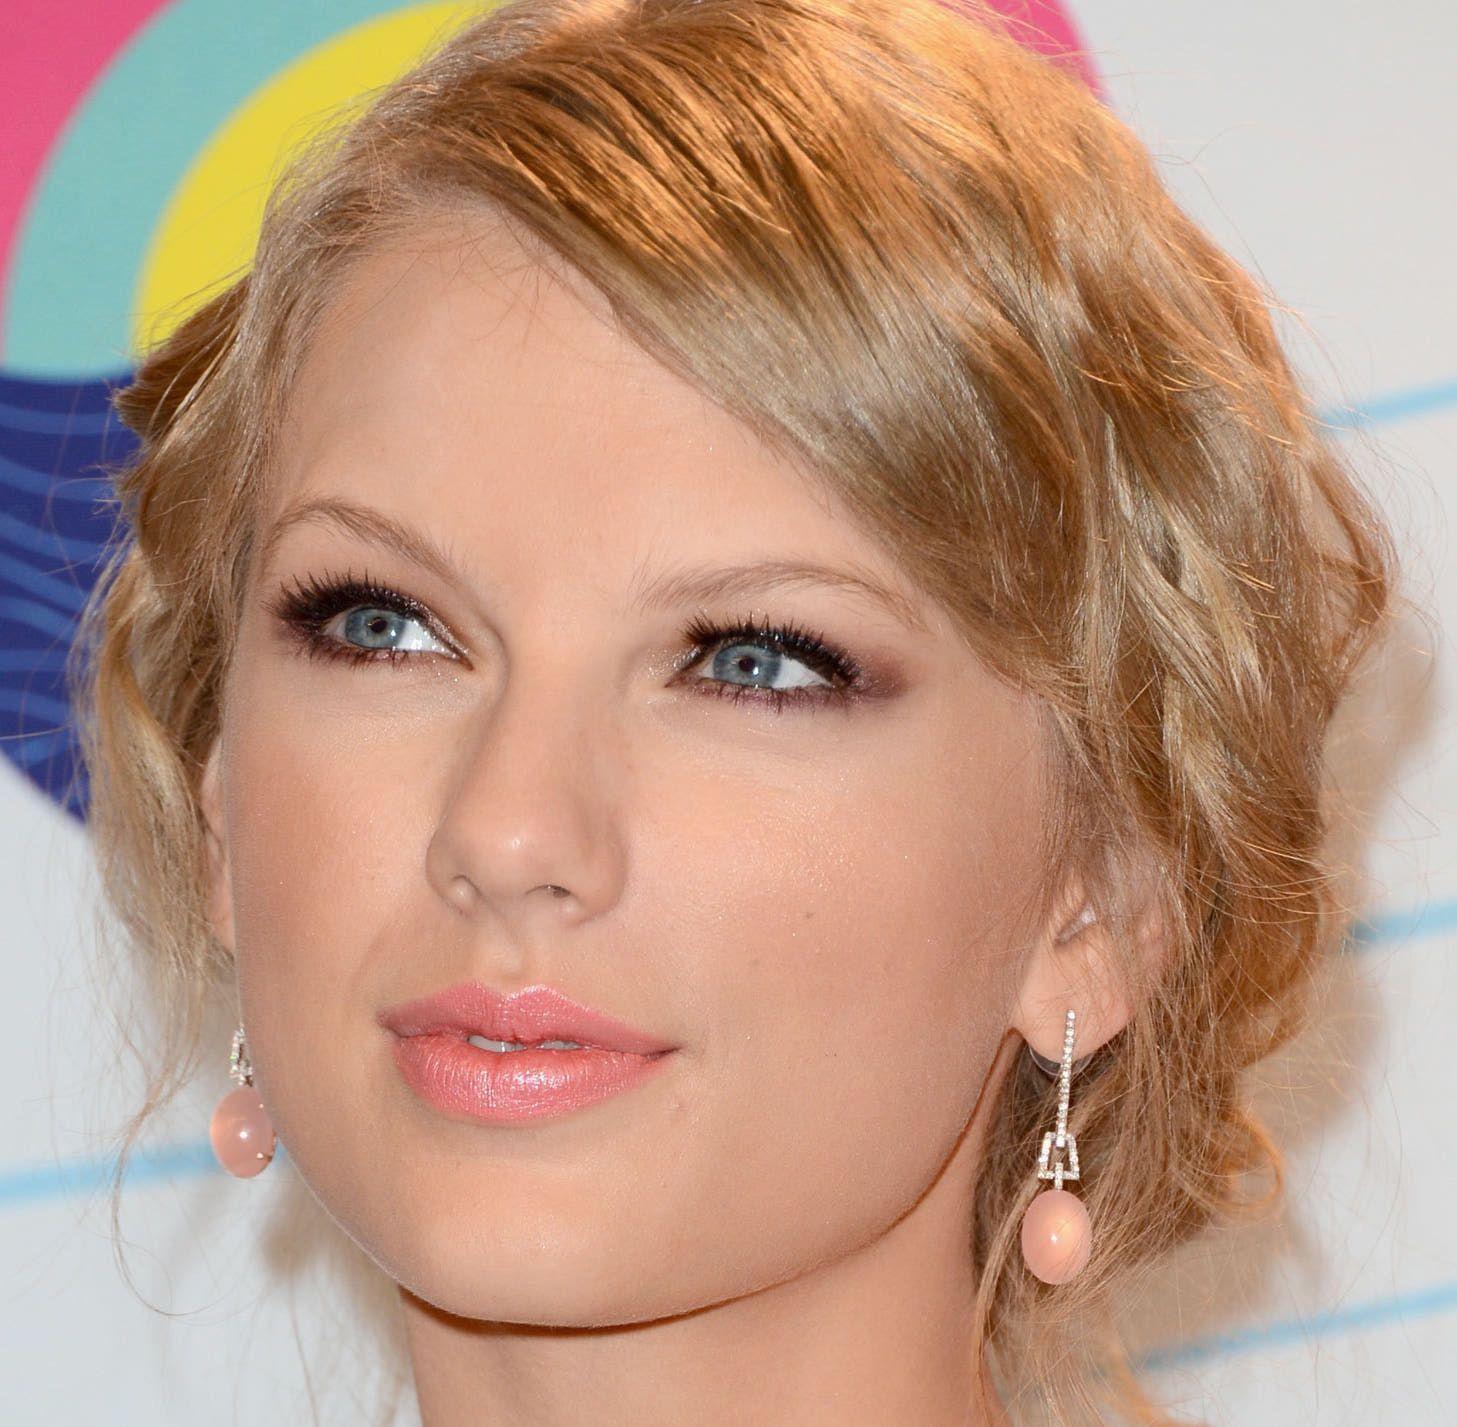 Taylor Swift ha sofferto di disturbi alimentari